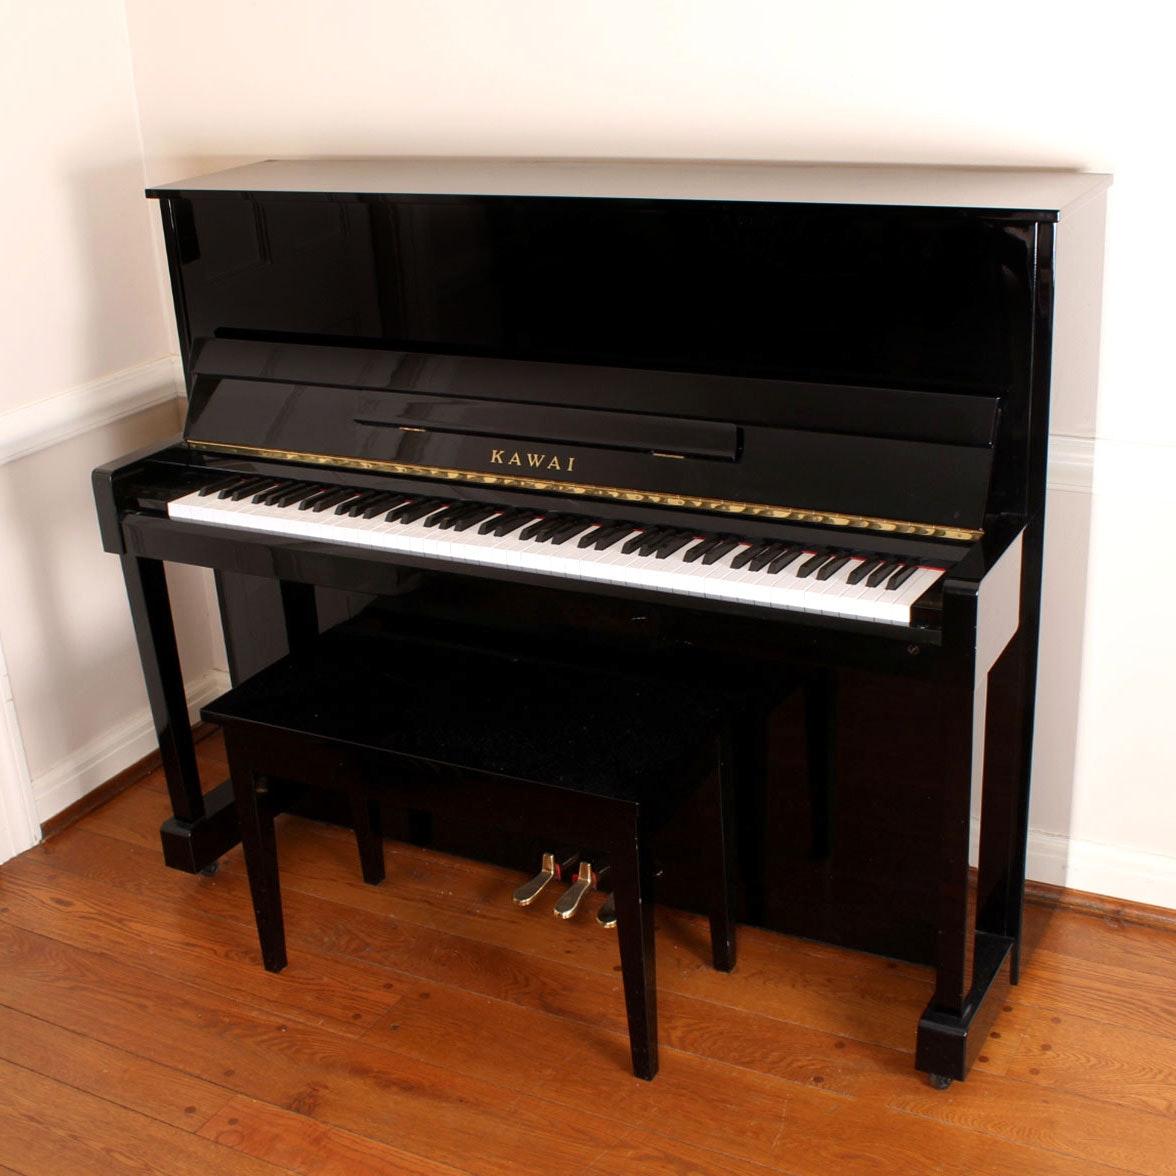 Kawai CX-21D Upright Piano